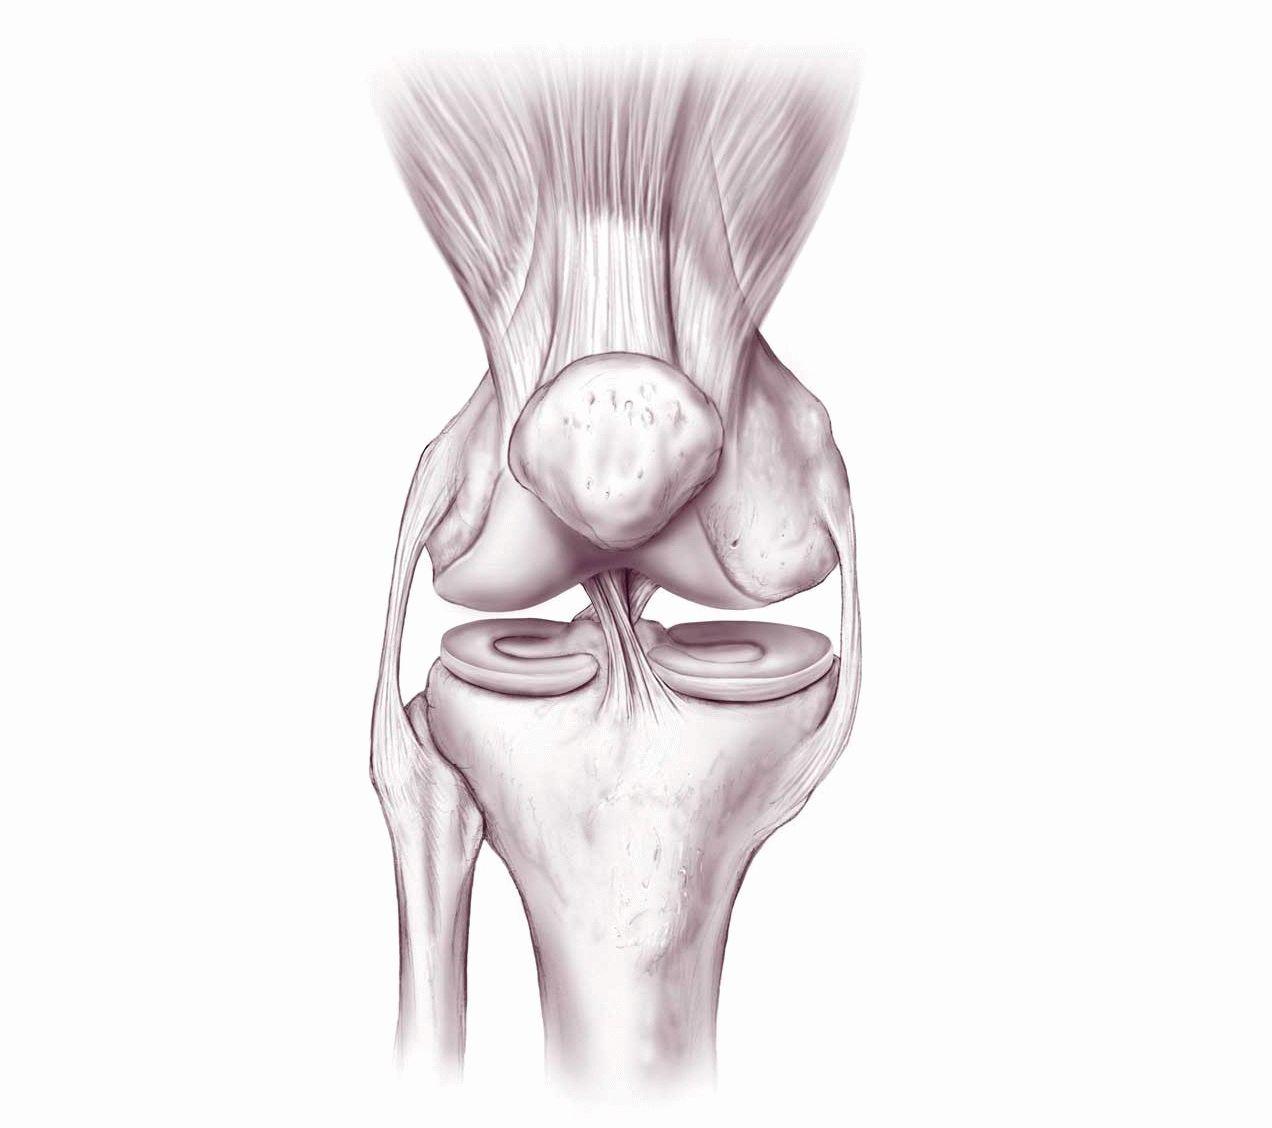 Боли в коленном суставе в чем причина и чем лечить